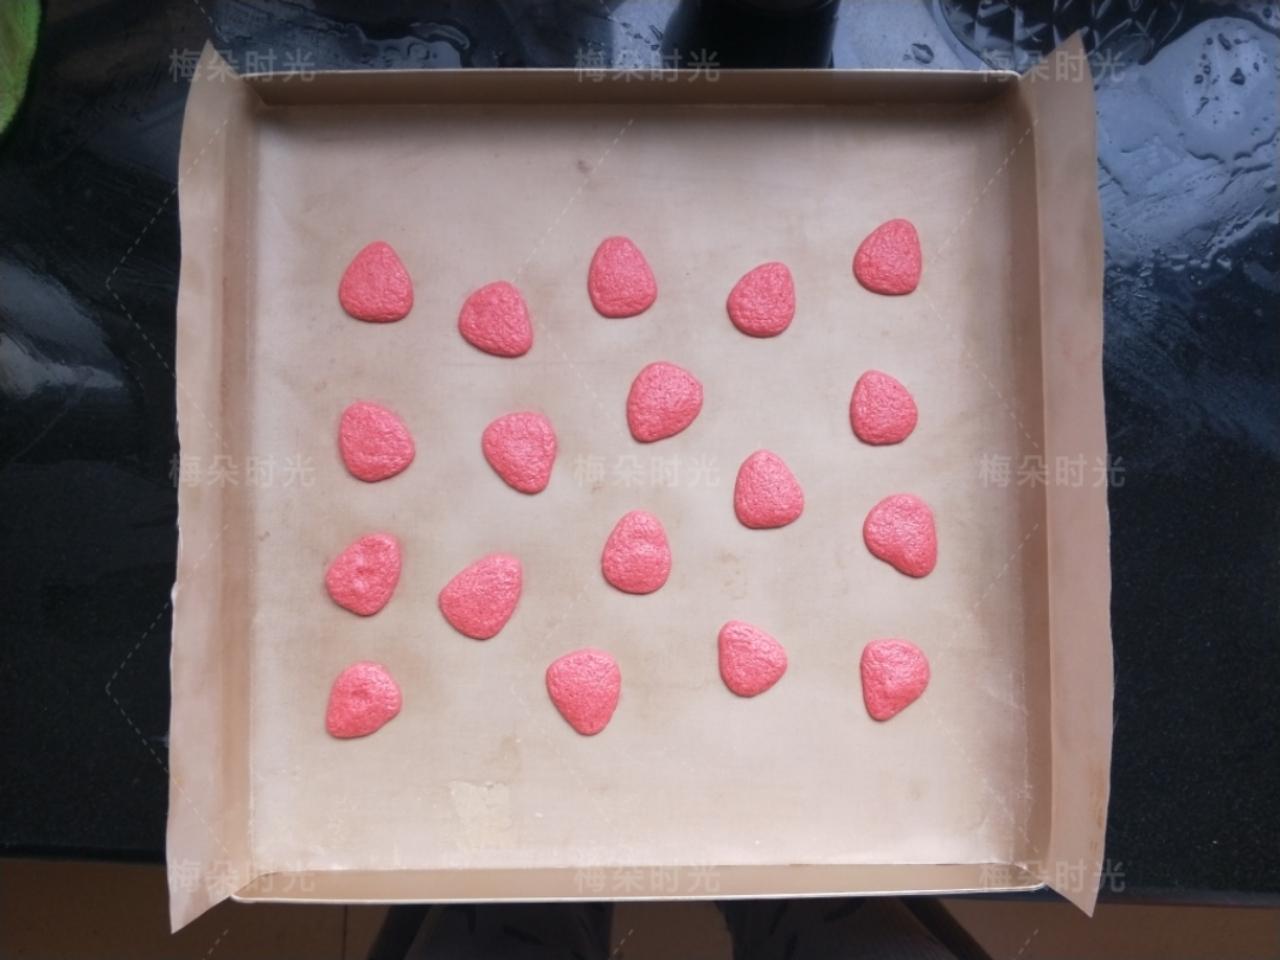 草莓彩绘蛋糕卷,烤盘里铺上油纸或者油布,我用的油布,用裱花袋在油布上错落的挤一些草莓的形状。两边不用挤,因为最后会卷进去。</p> <p>挤好后放进烤箱,烤两三分钟,烤的表面凝固,烤定型。